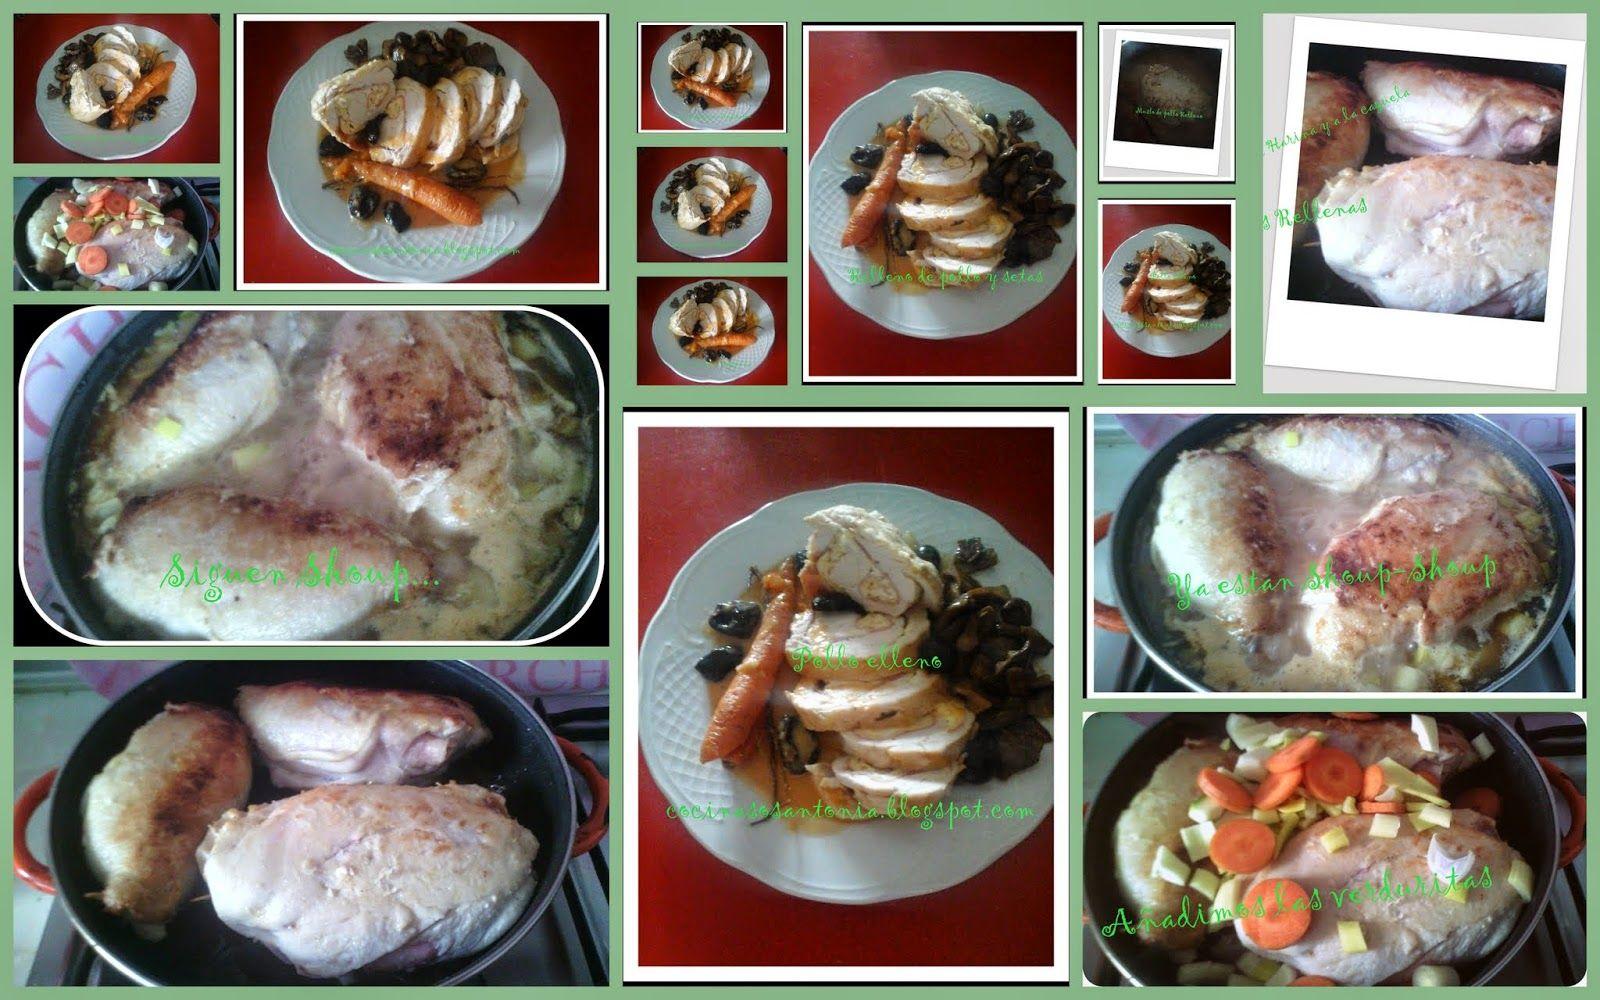 cocina_sos_antonia: PECHUGAS  DE POLLO RELLENO DE ANTONIA